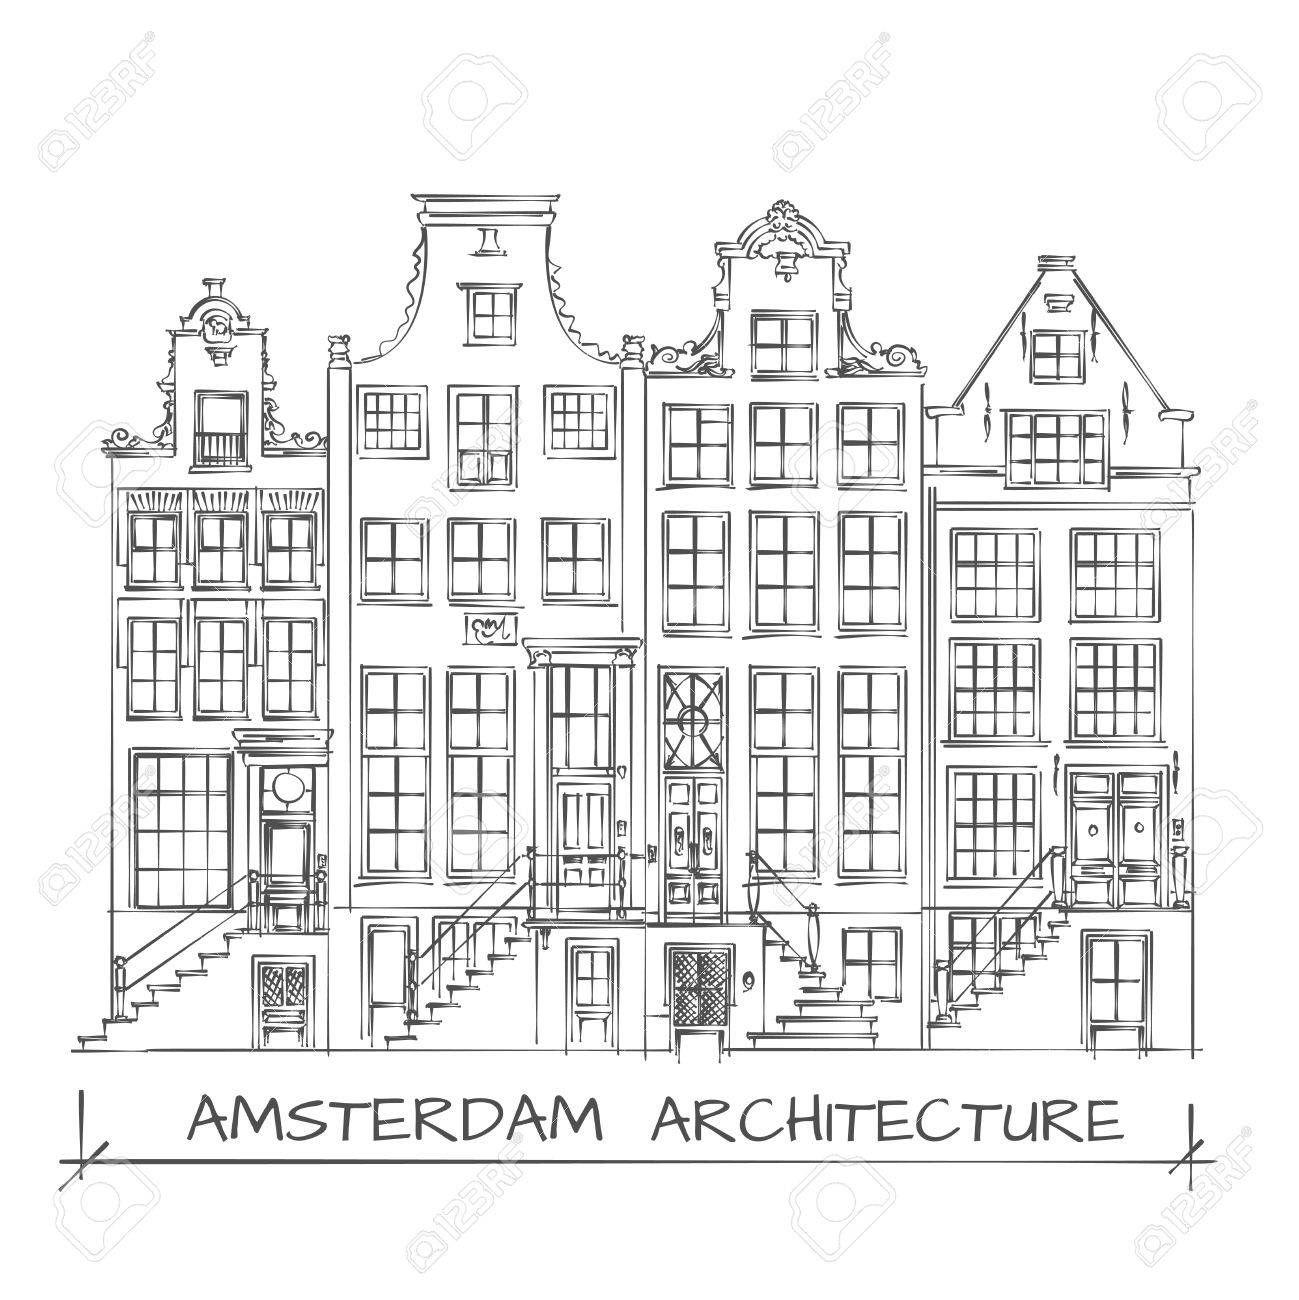 Hand Getrokken Detail Amsterdam Architecture Tekening Zwart Op Wit Architectuur Tekening Tekening Architectuur Stadstekening